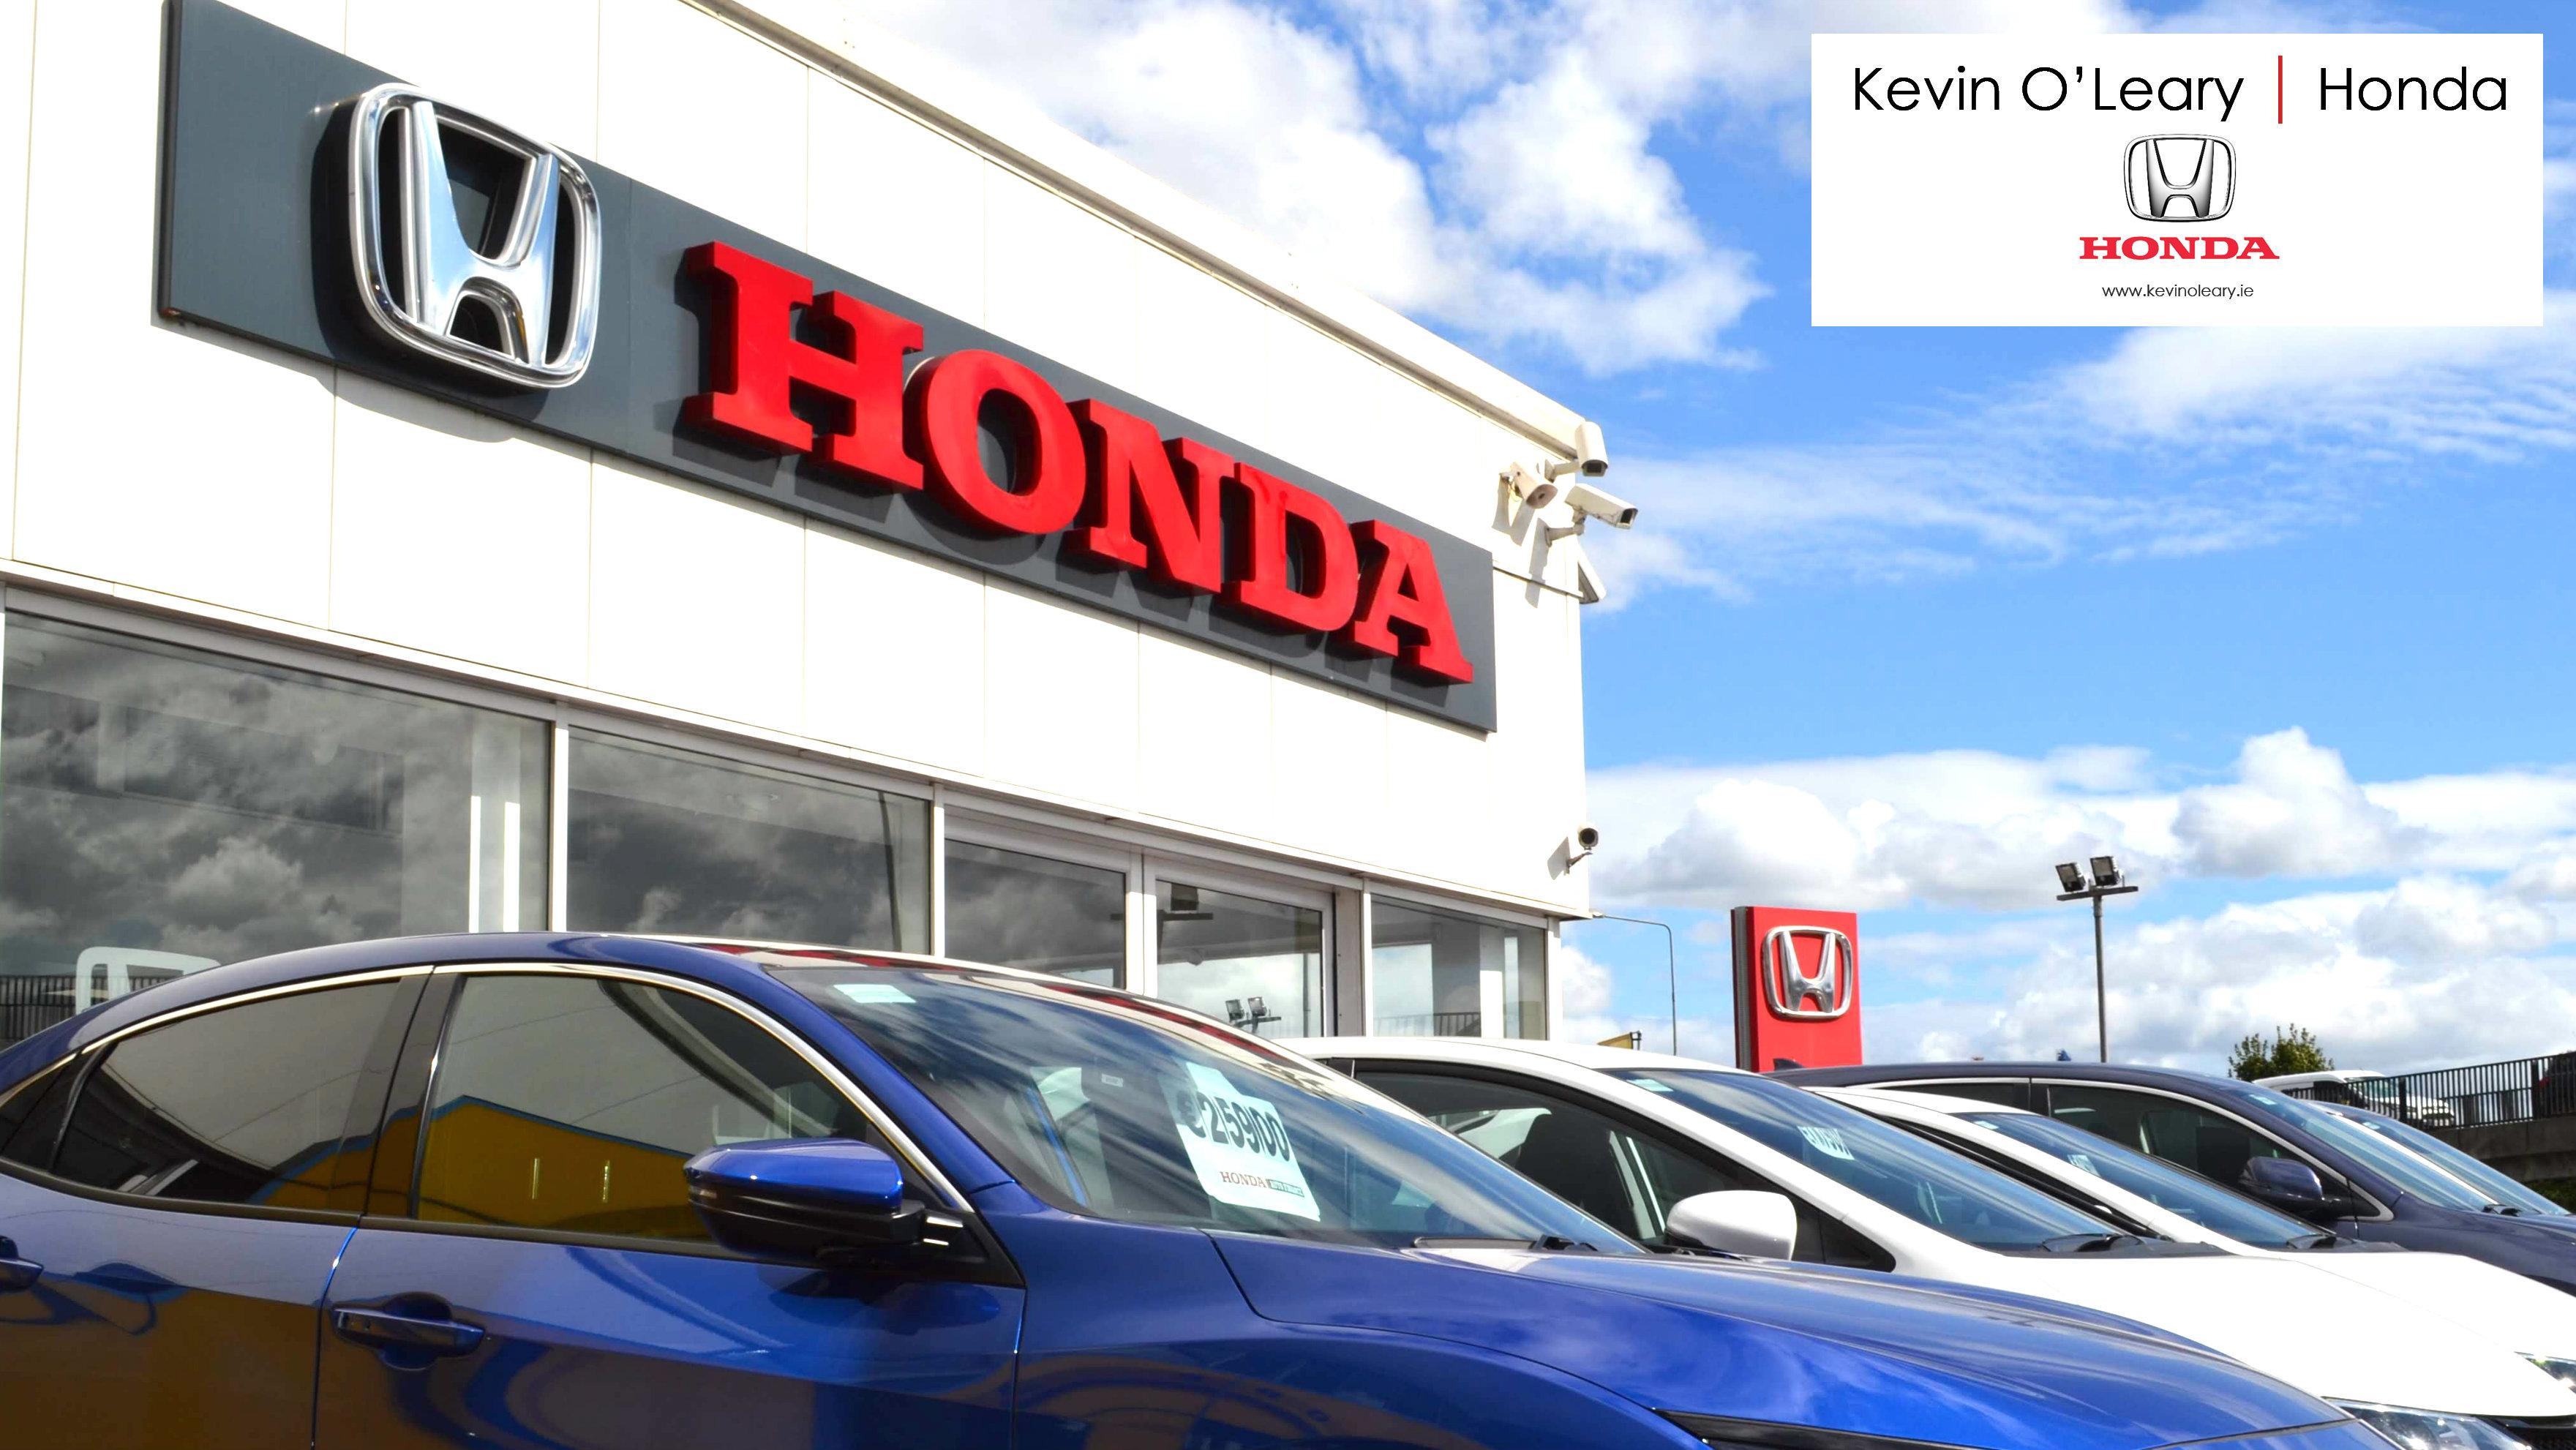 Kevin O'Leary Honda Cork